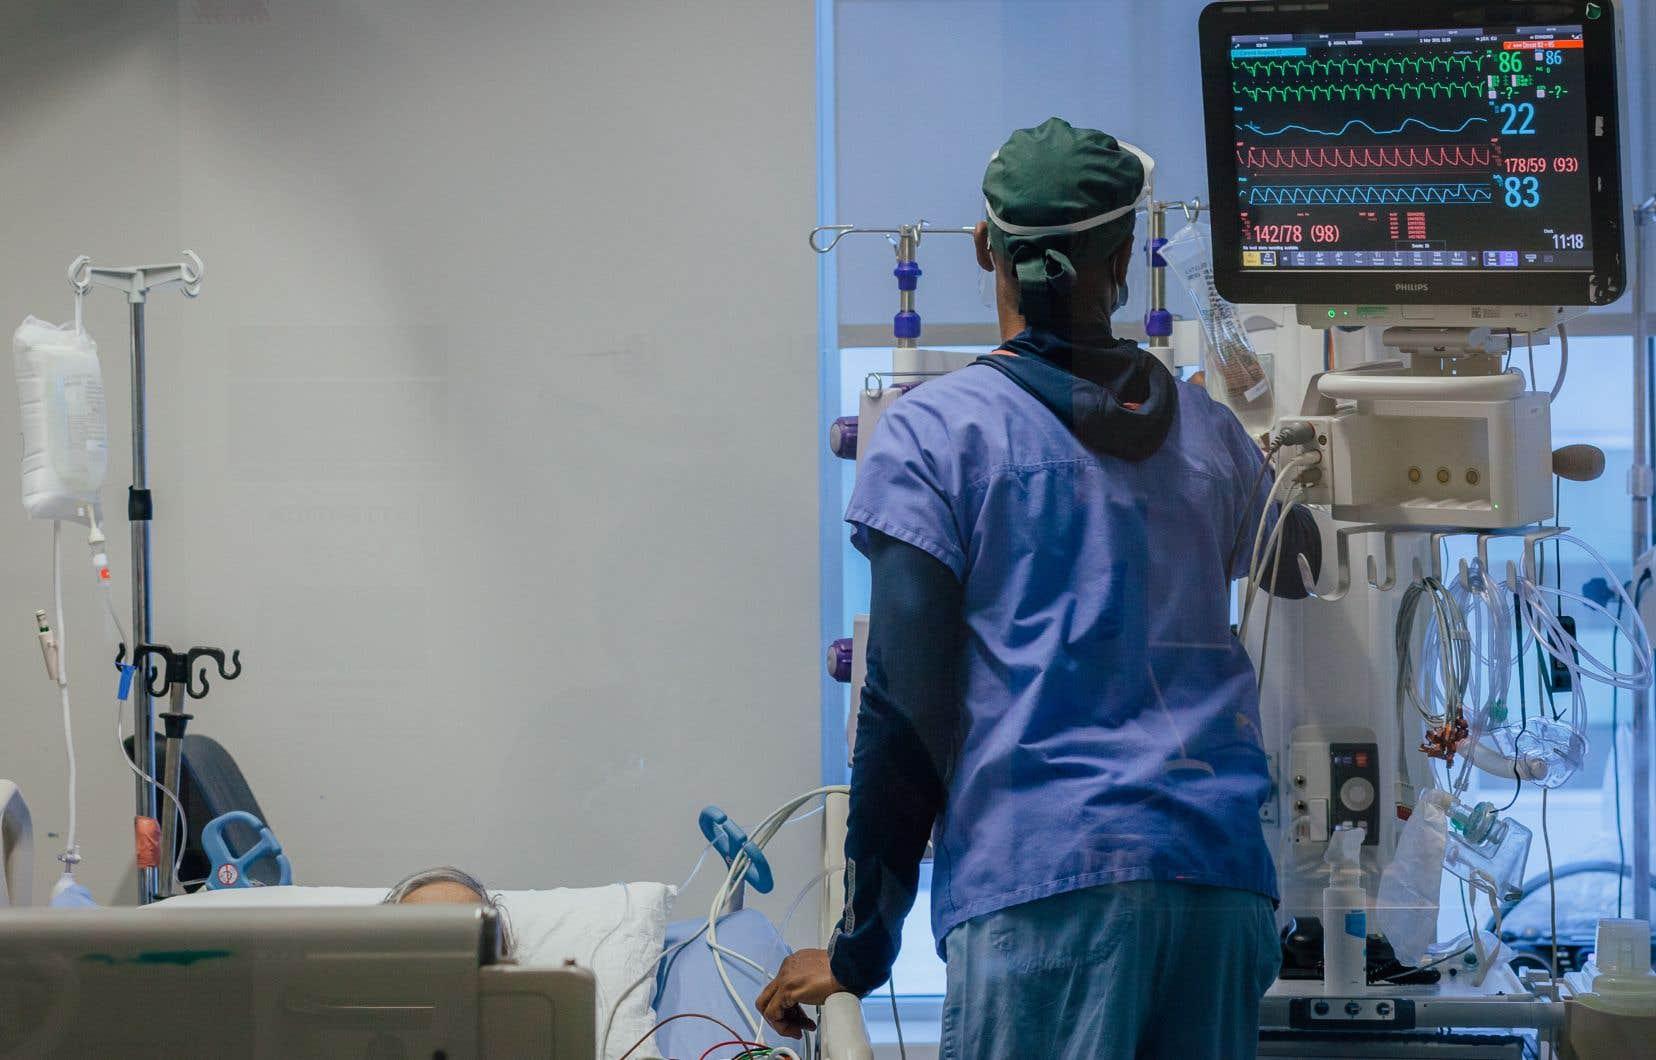 Le CISSS des Laurentides avait demandé l'intervention du Tribunal administratif du travail, après le «sit-in» de sept infirmières de l'urgence d'Hôpital de Mont-Laurier. (Photo d'illustration)